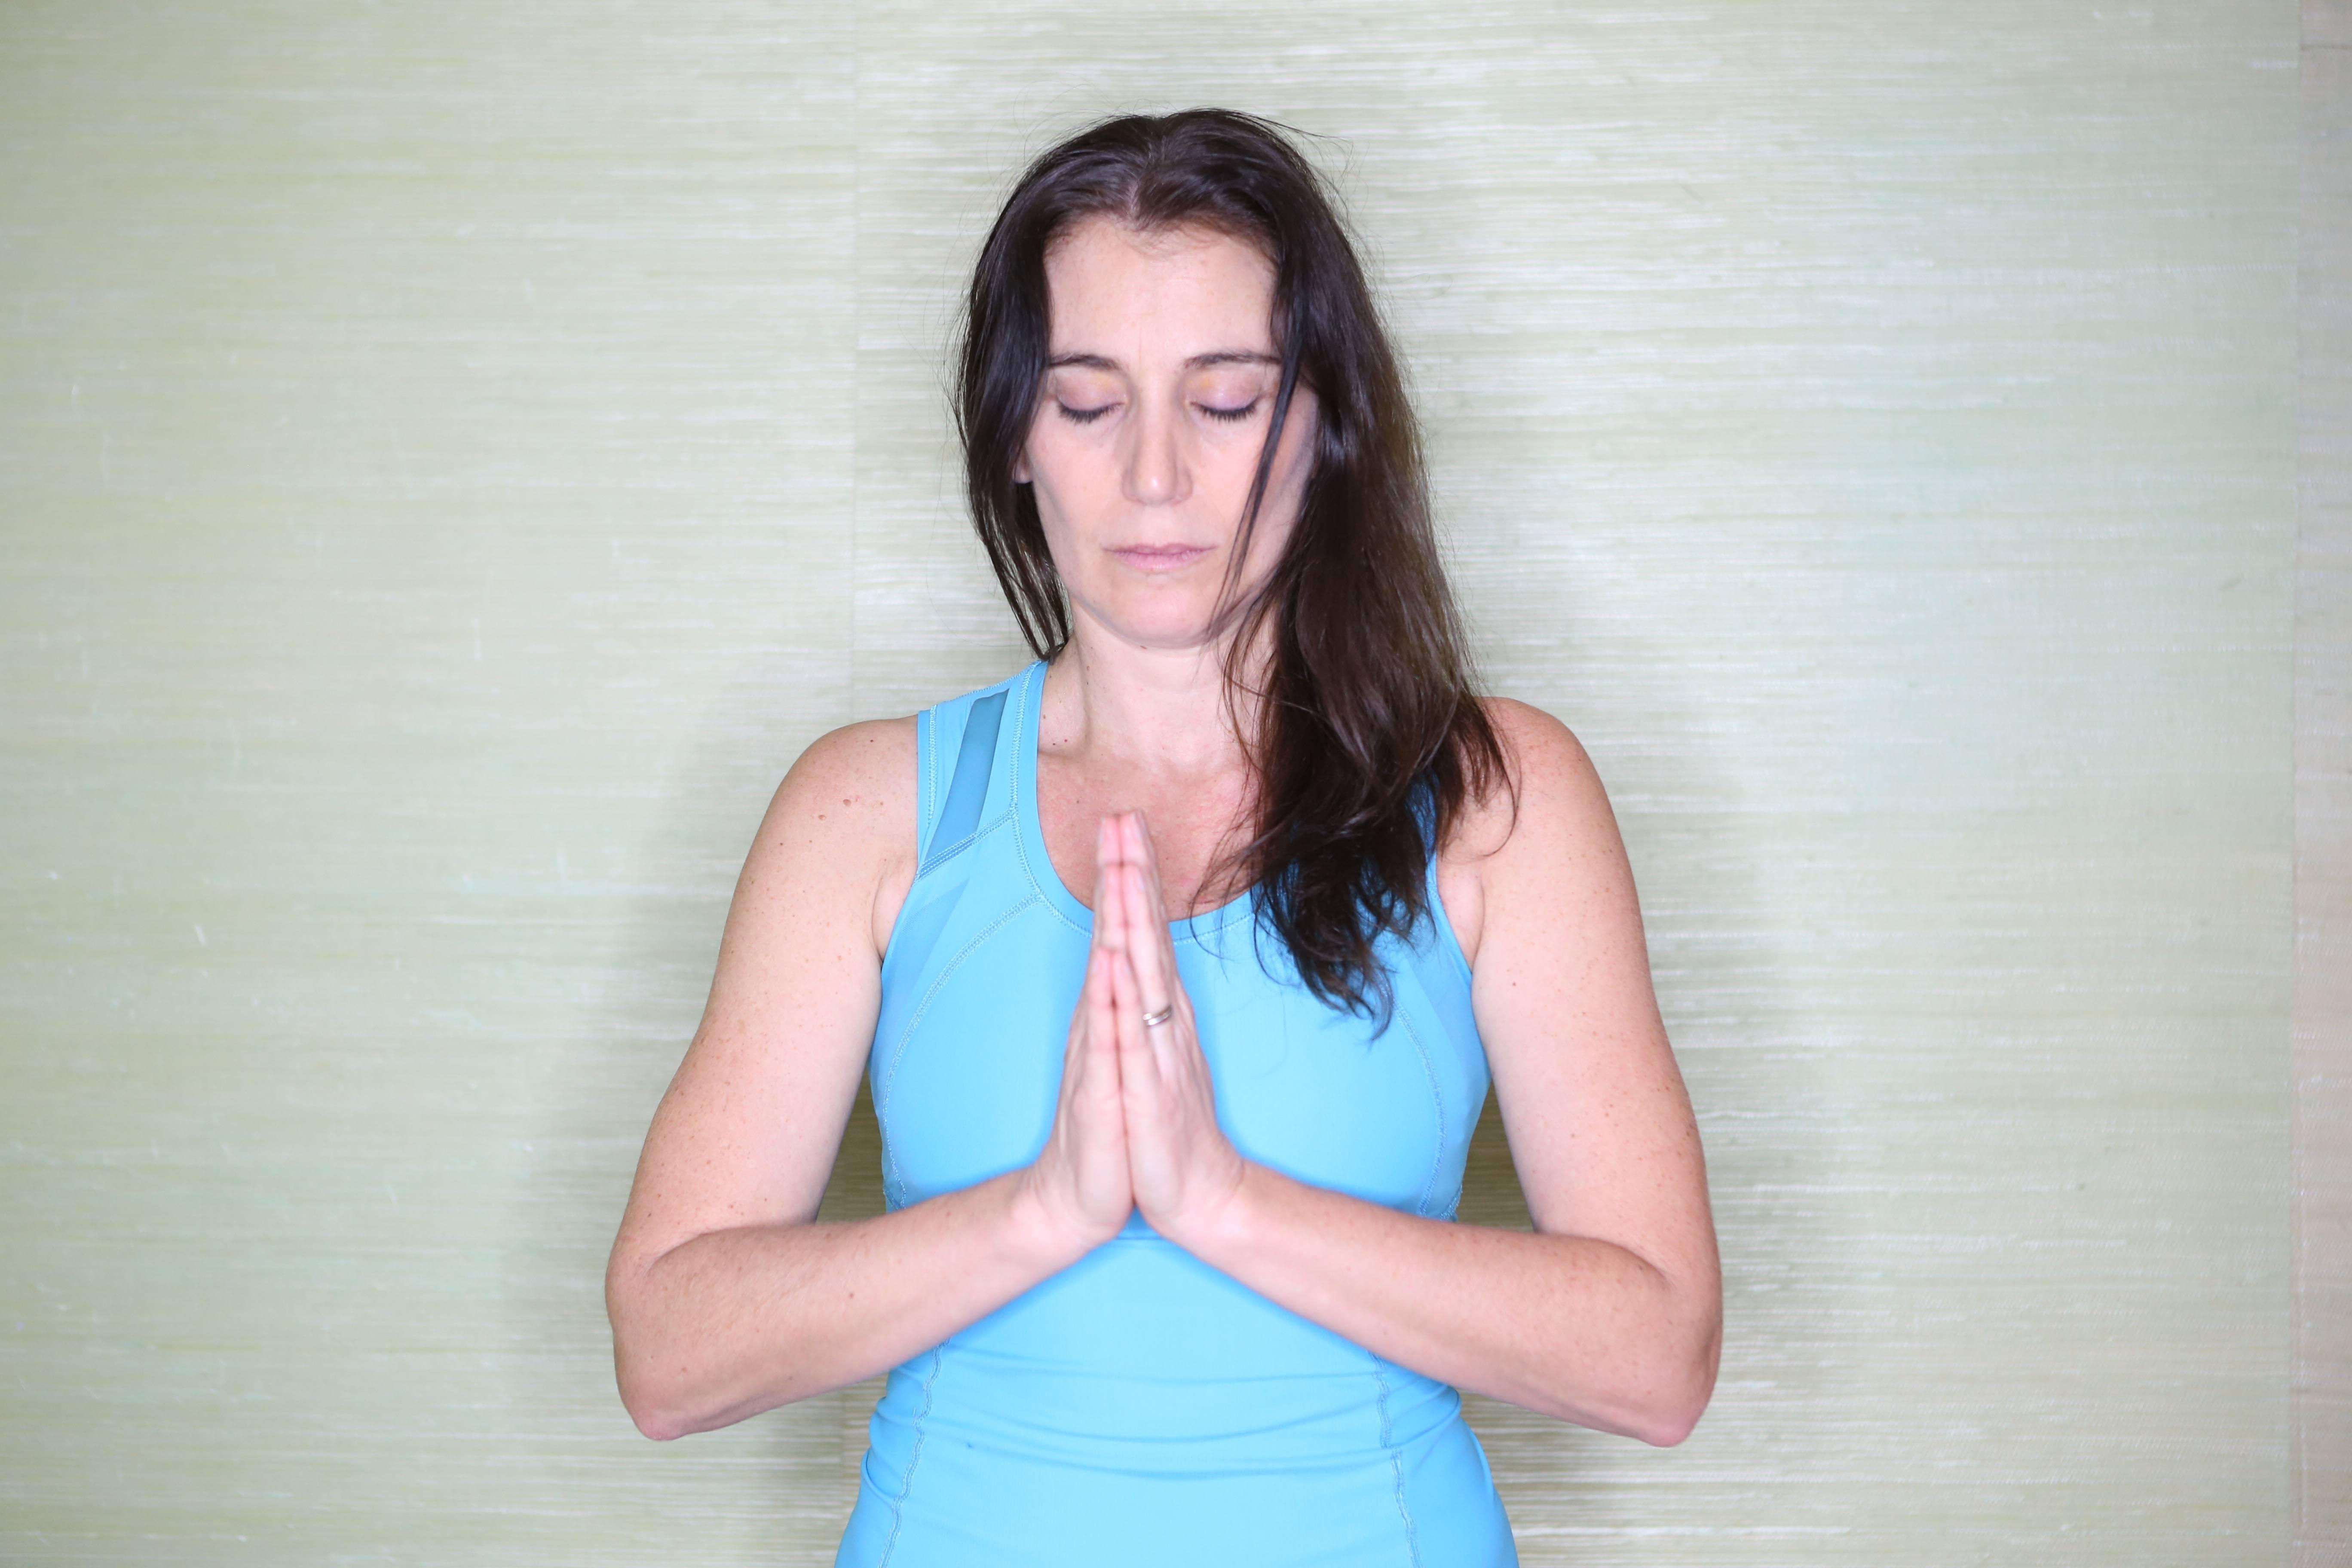 4 pratiques pour commencer une séance de yoga - YamYoga b9ac67bf51f